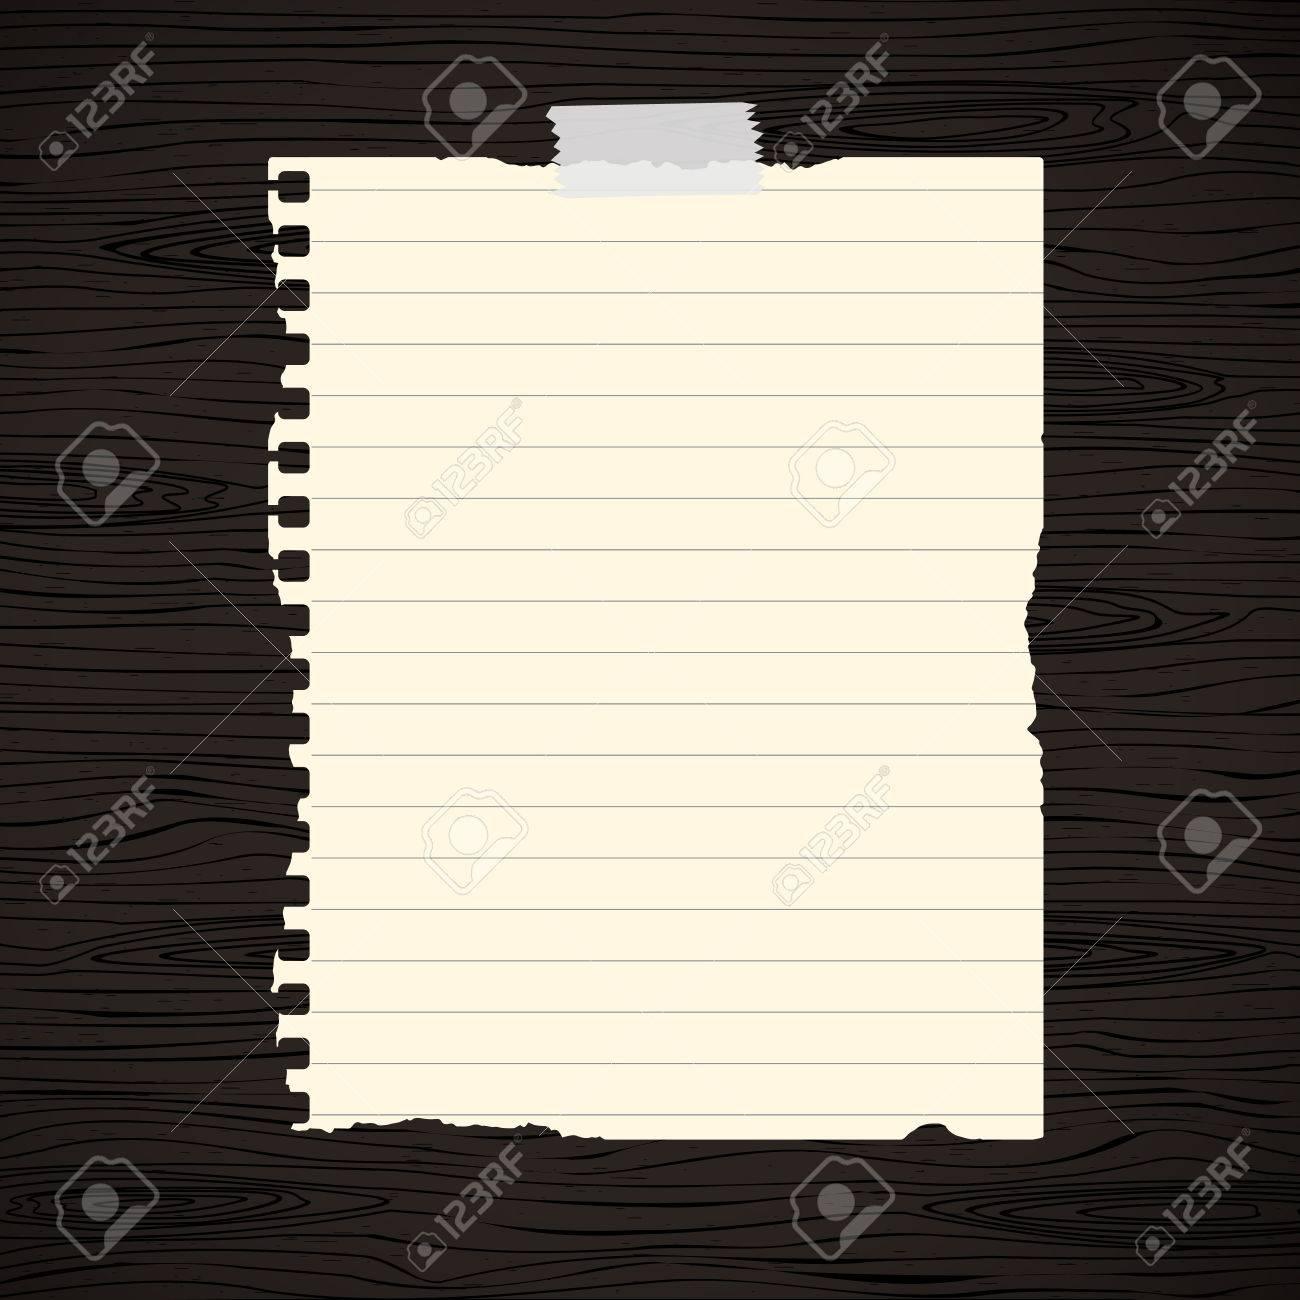 Brown Doublee Dechire Feuille De Papier D Ordinateur Portable Colle Sur Le Mur En Bois Noir Bureau